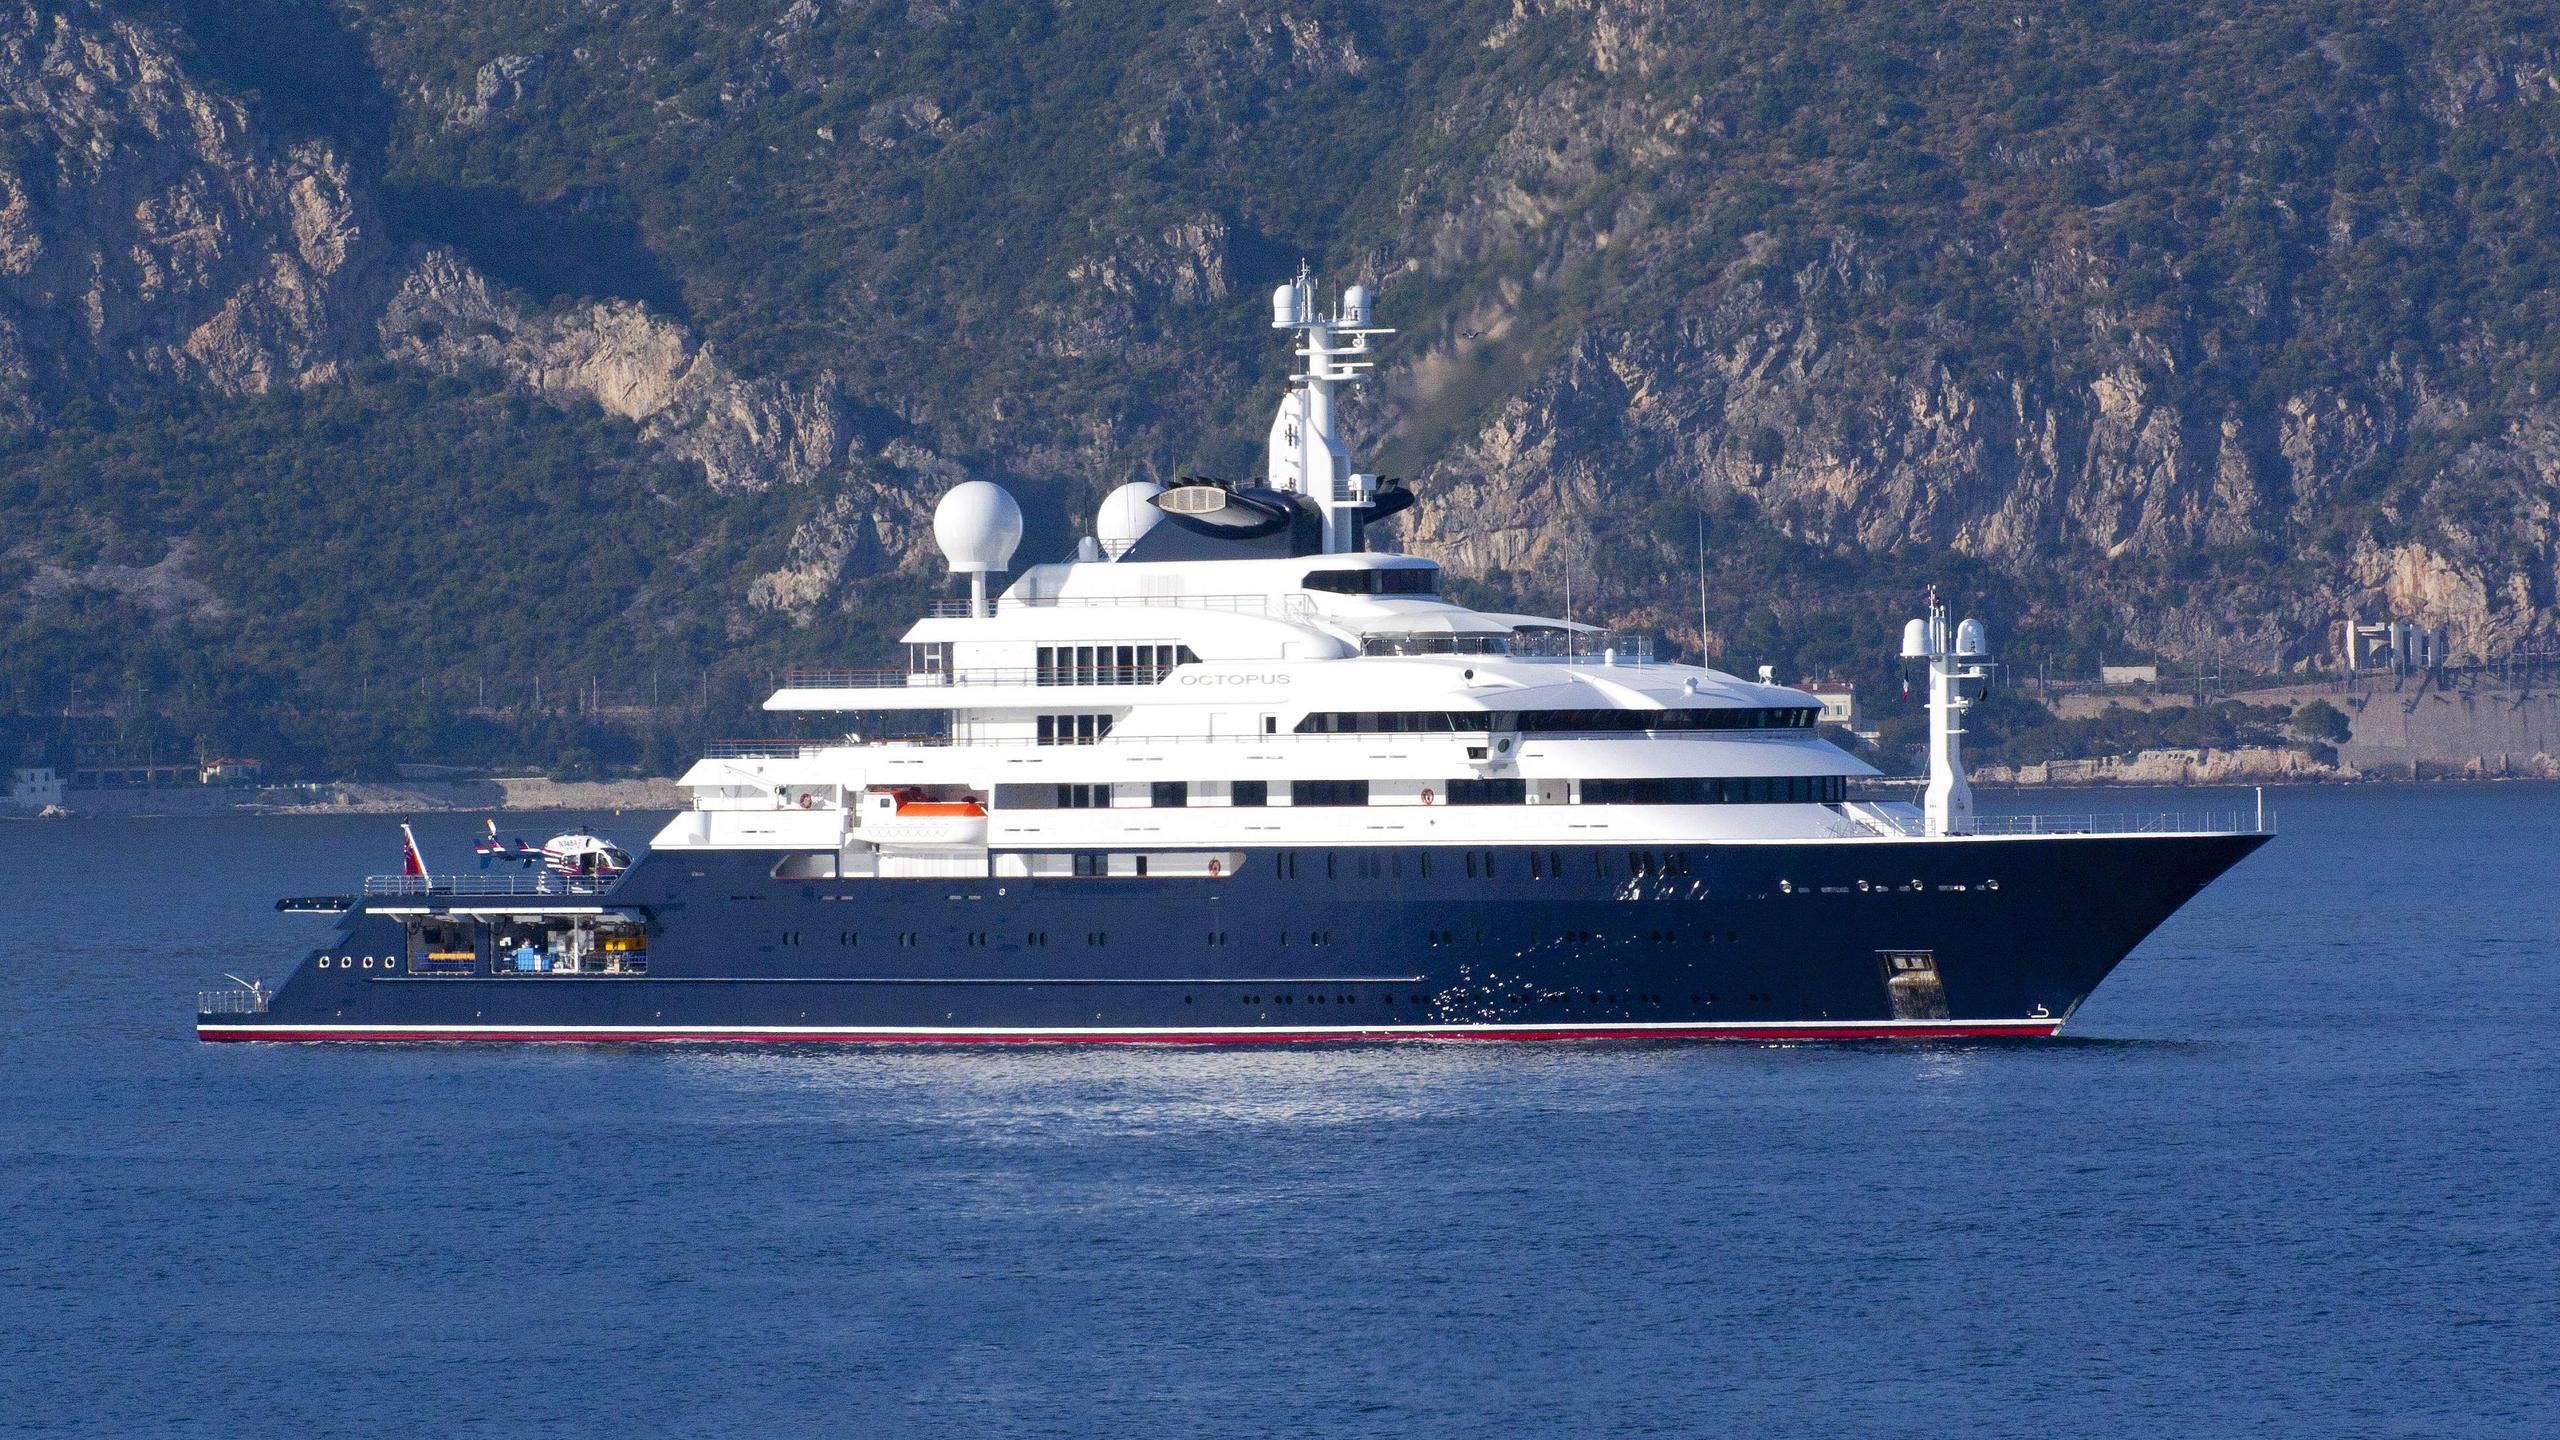 octopus-explorer-yacht-lurssen-2003-126m-profile